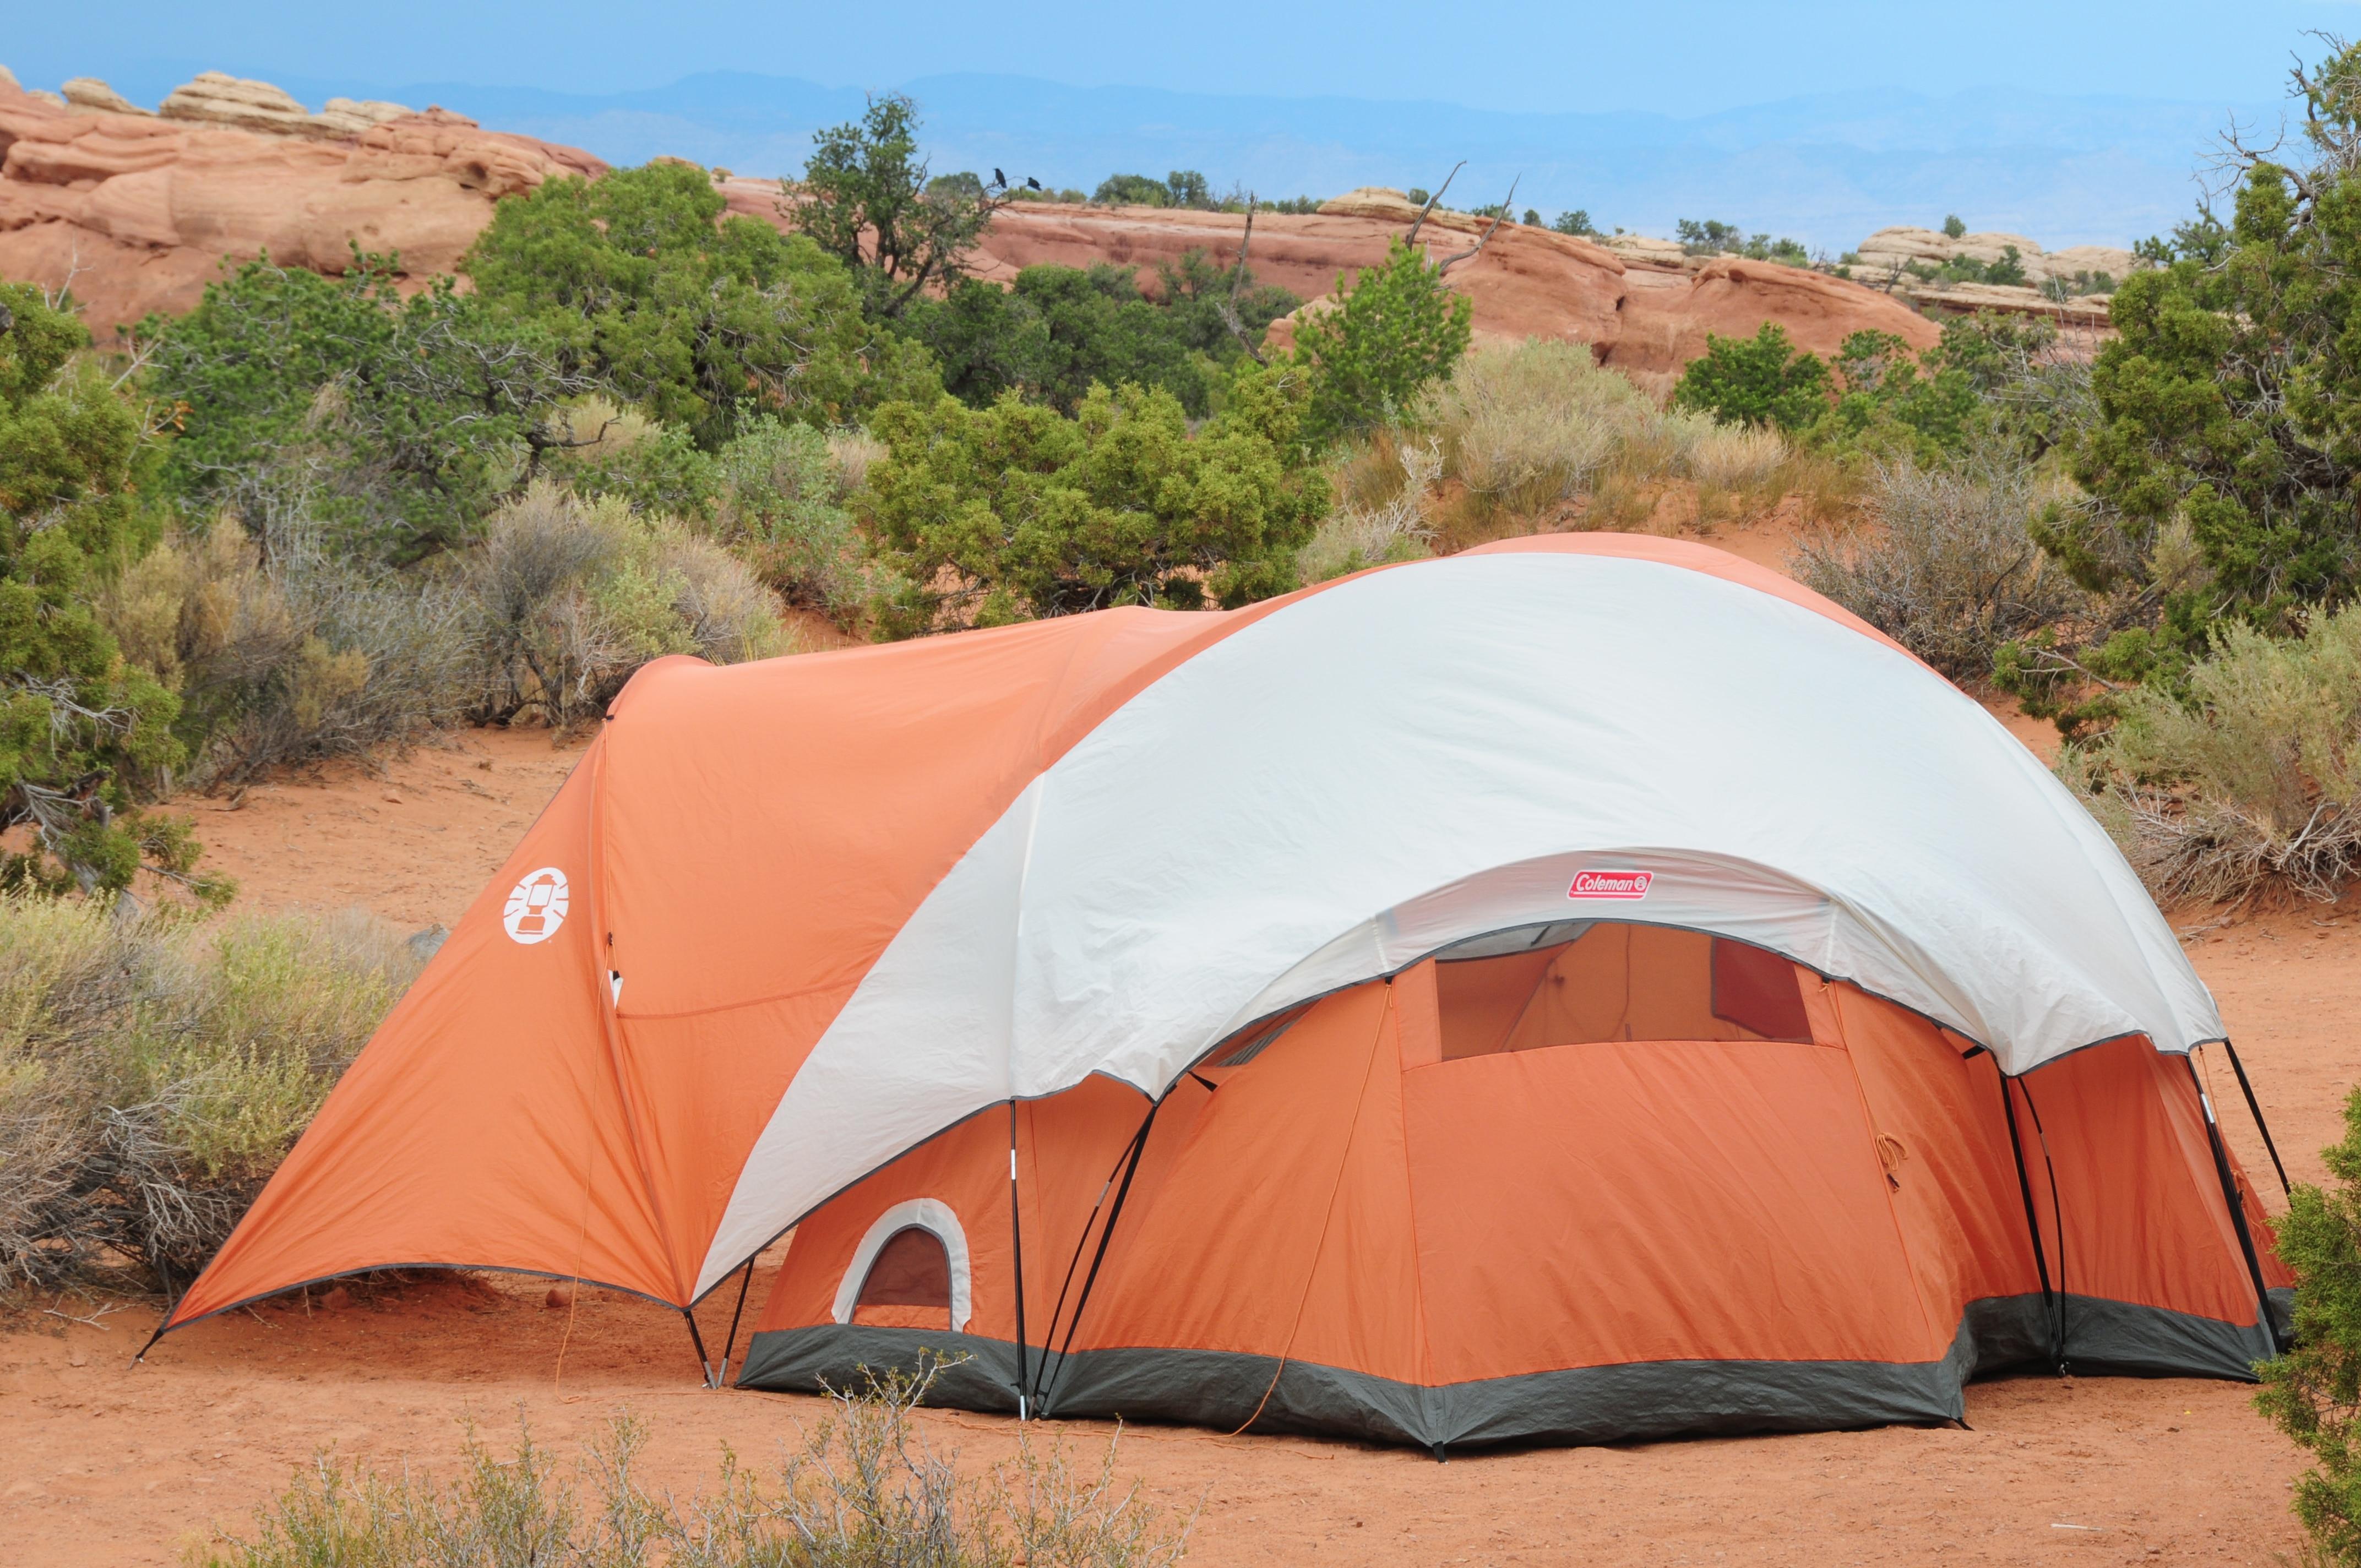 אוהל גדול ומסורבל